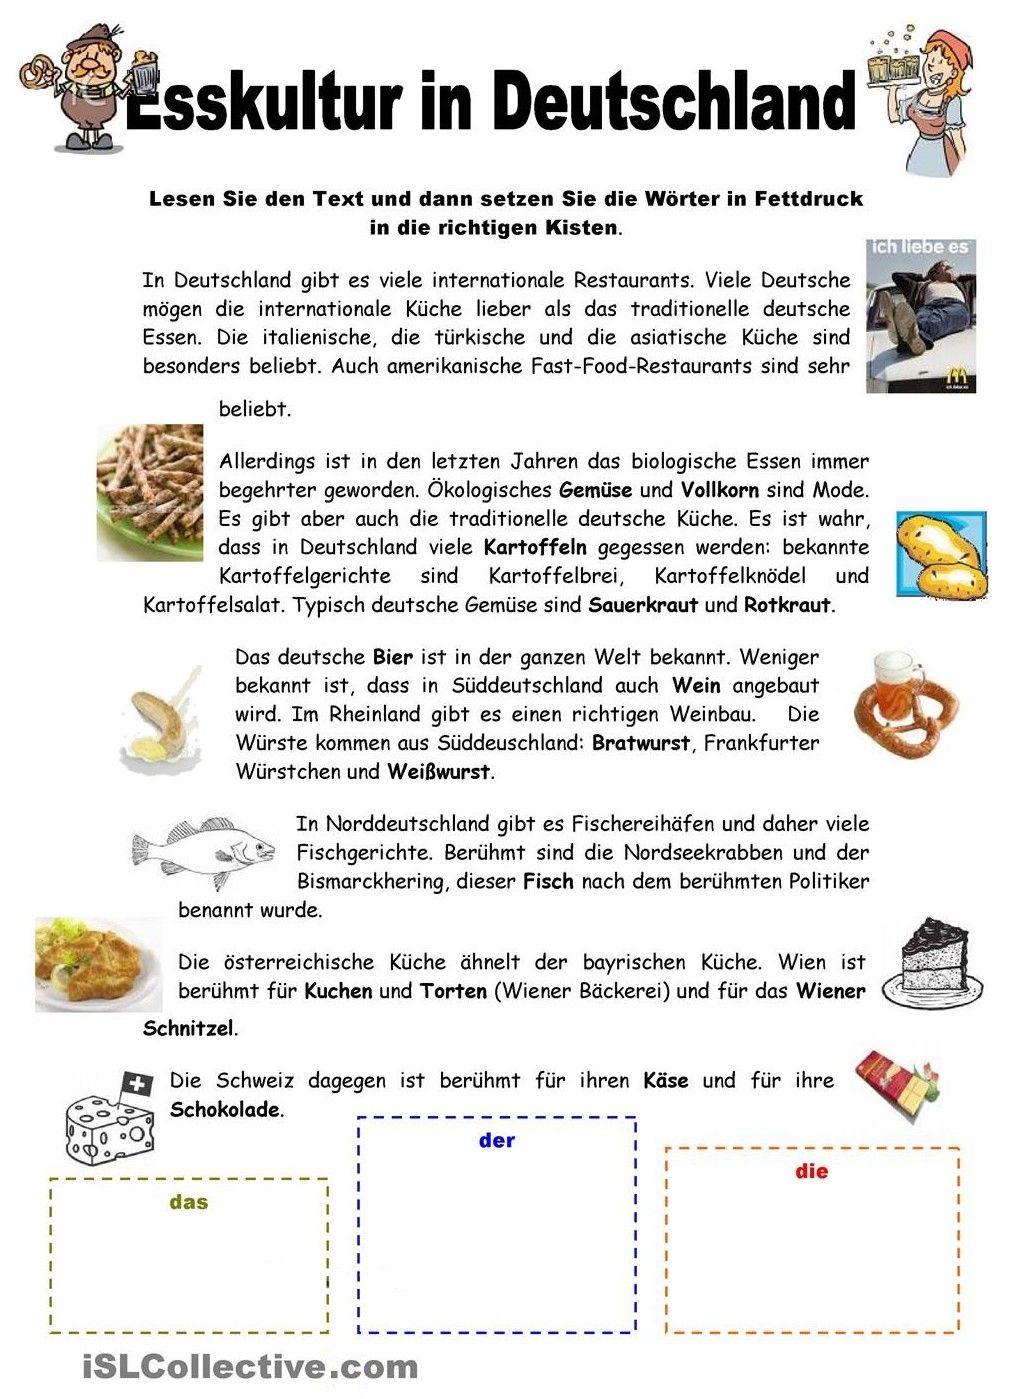 Esskultur in Deutschland | Deutsch lernen (German, allemand, Duits ...